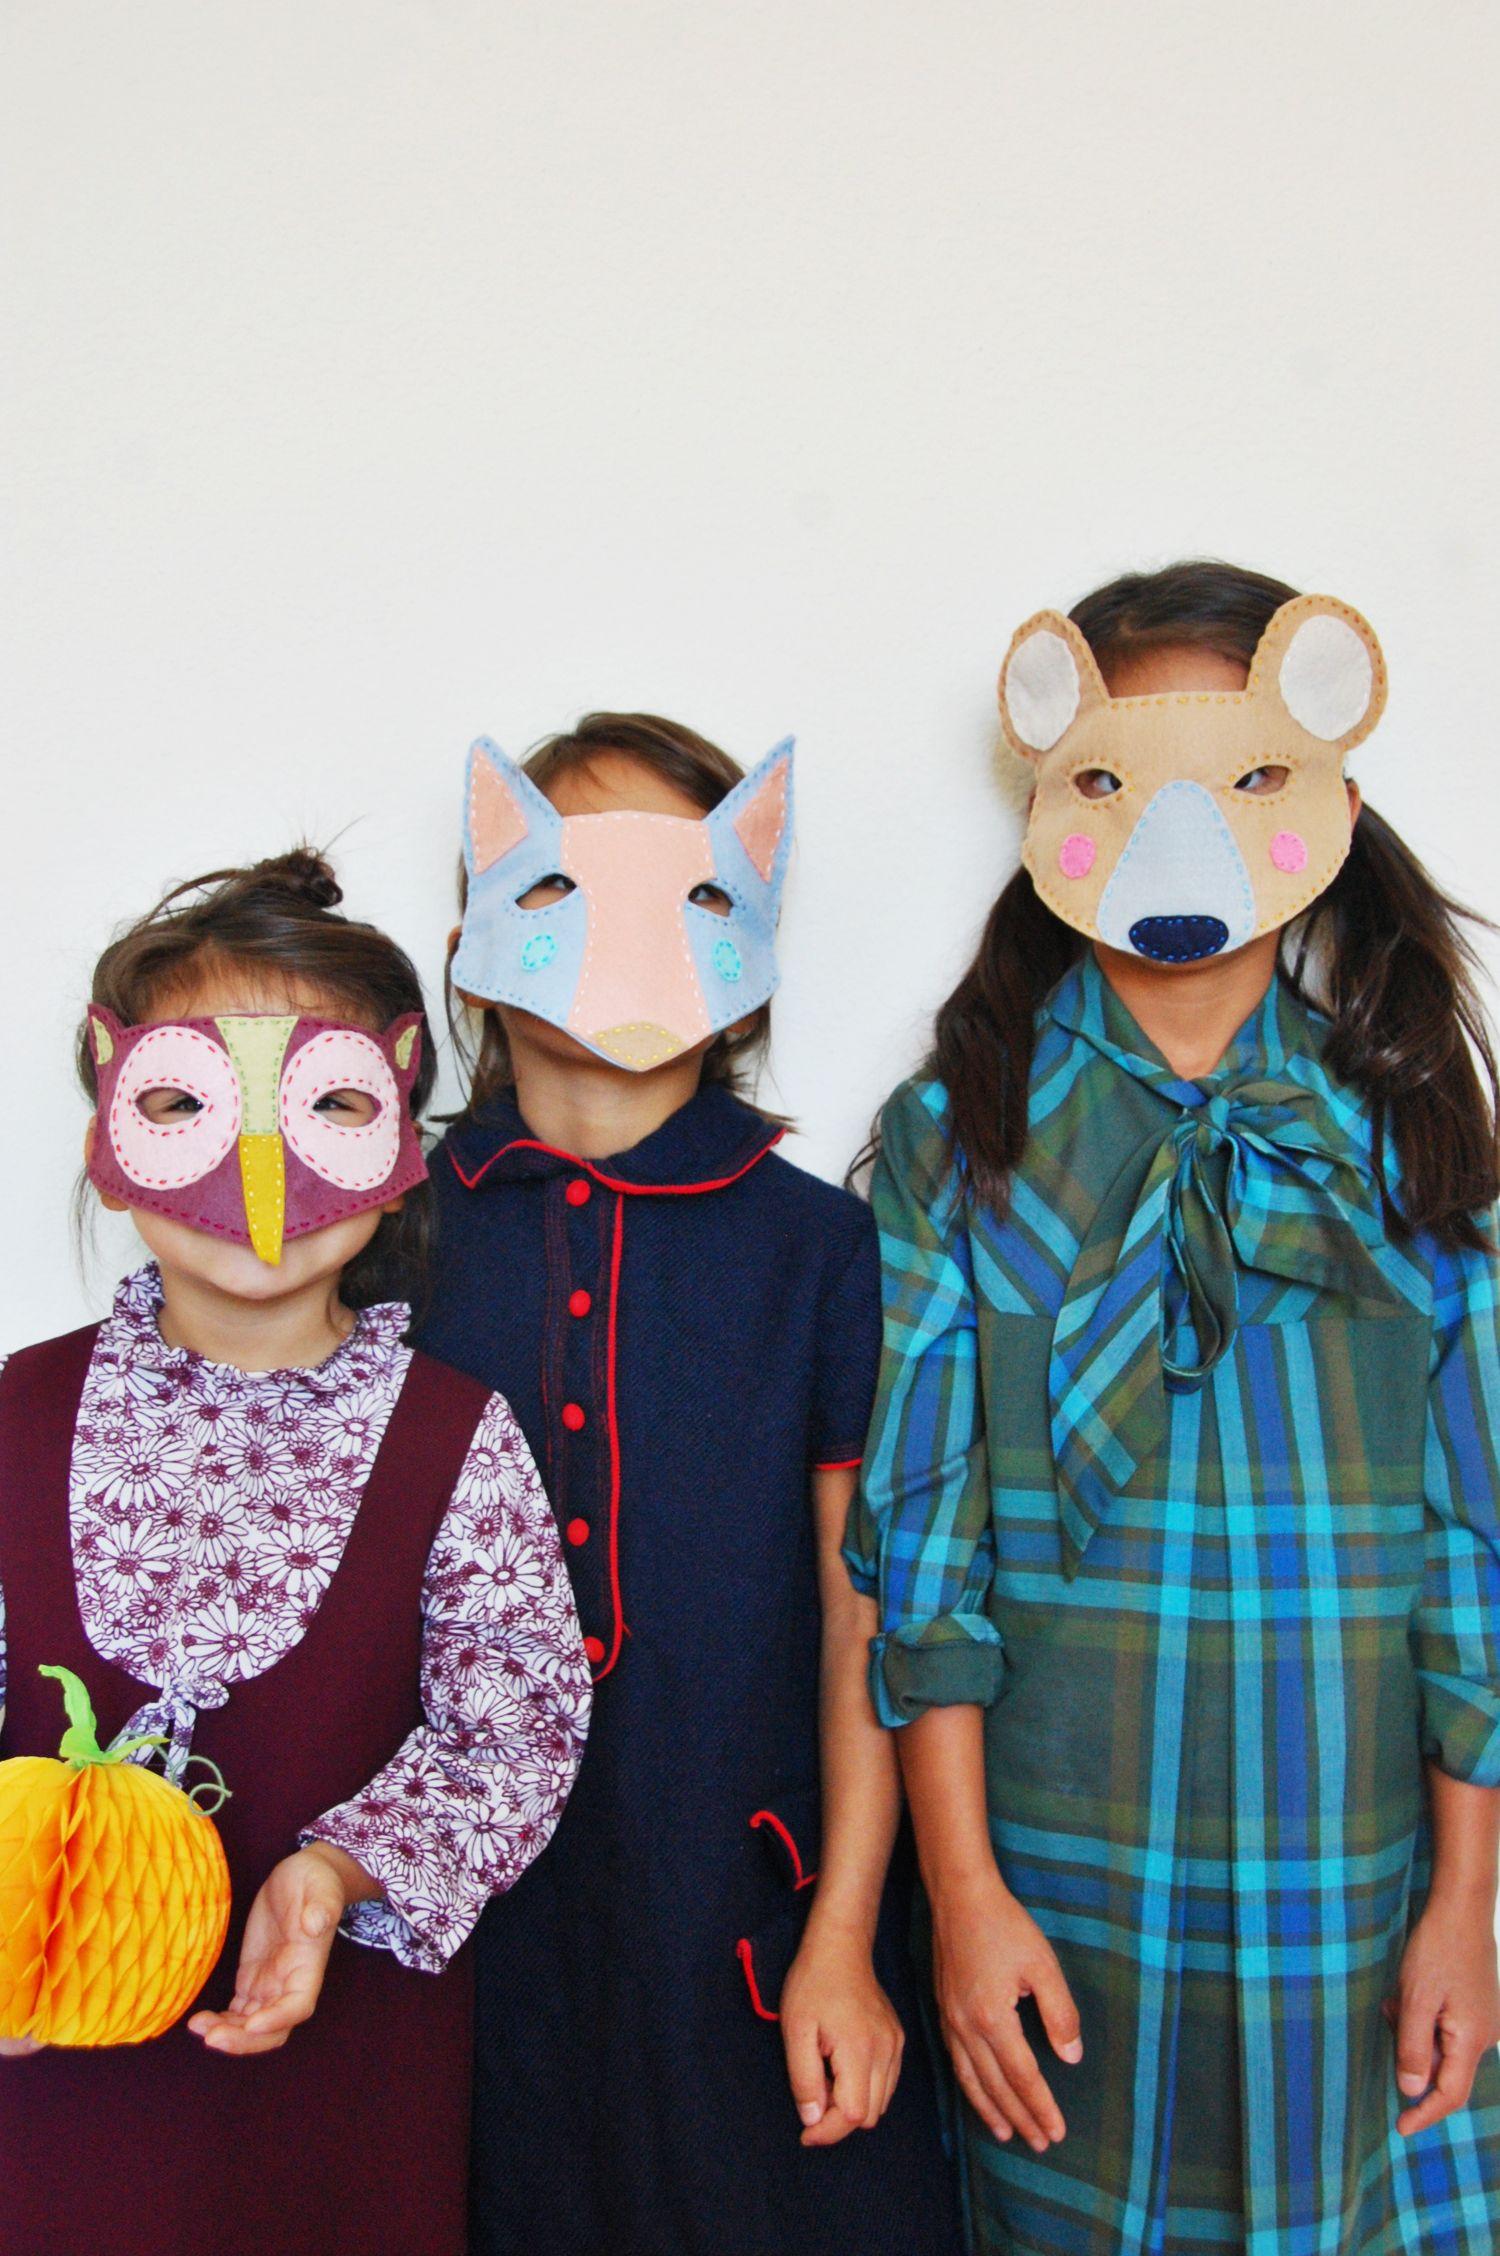 Weihnachtsfeier Masken selber machen - 50 Ideen für jeden Anlass ...